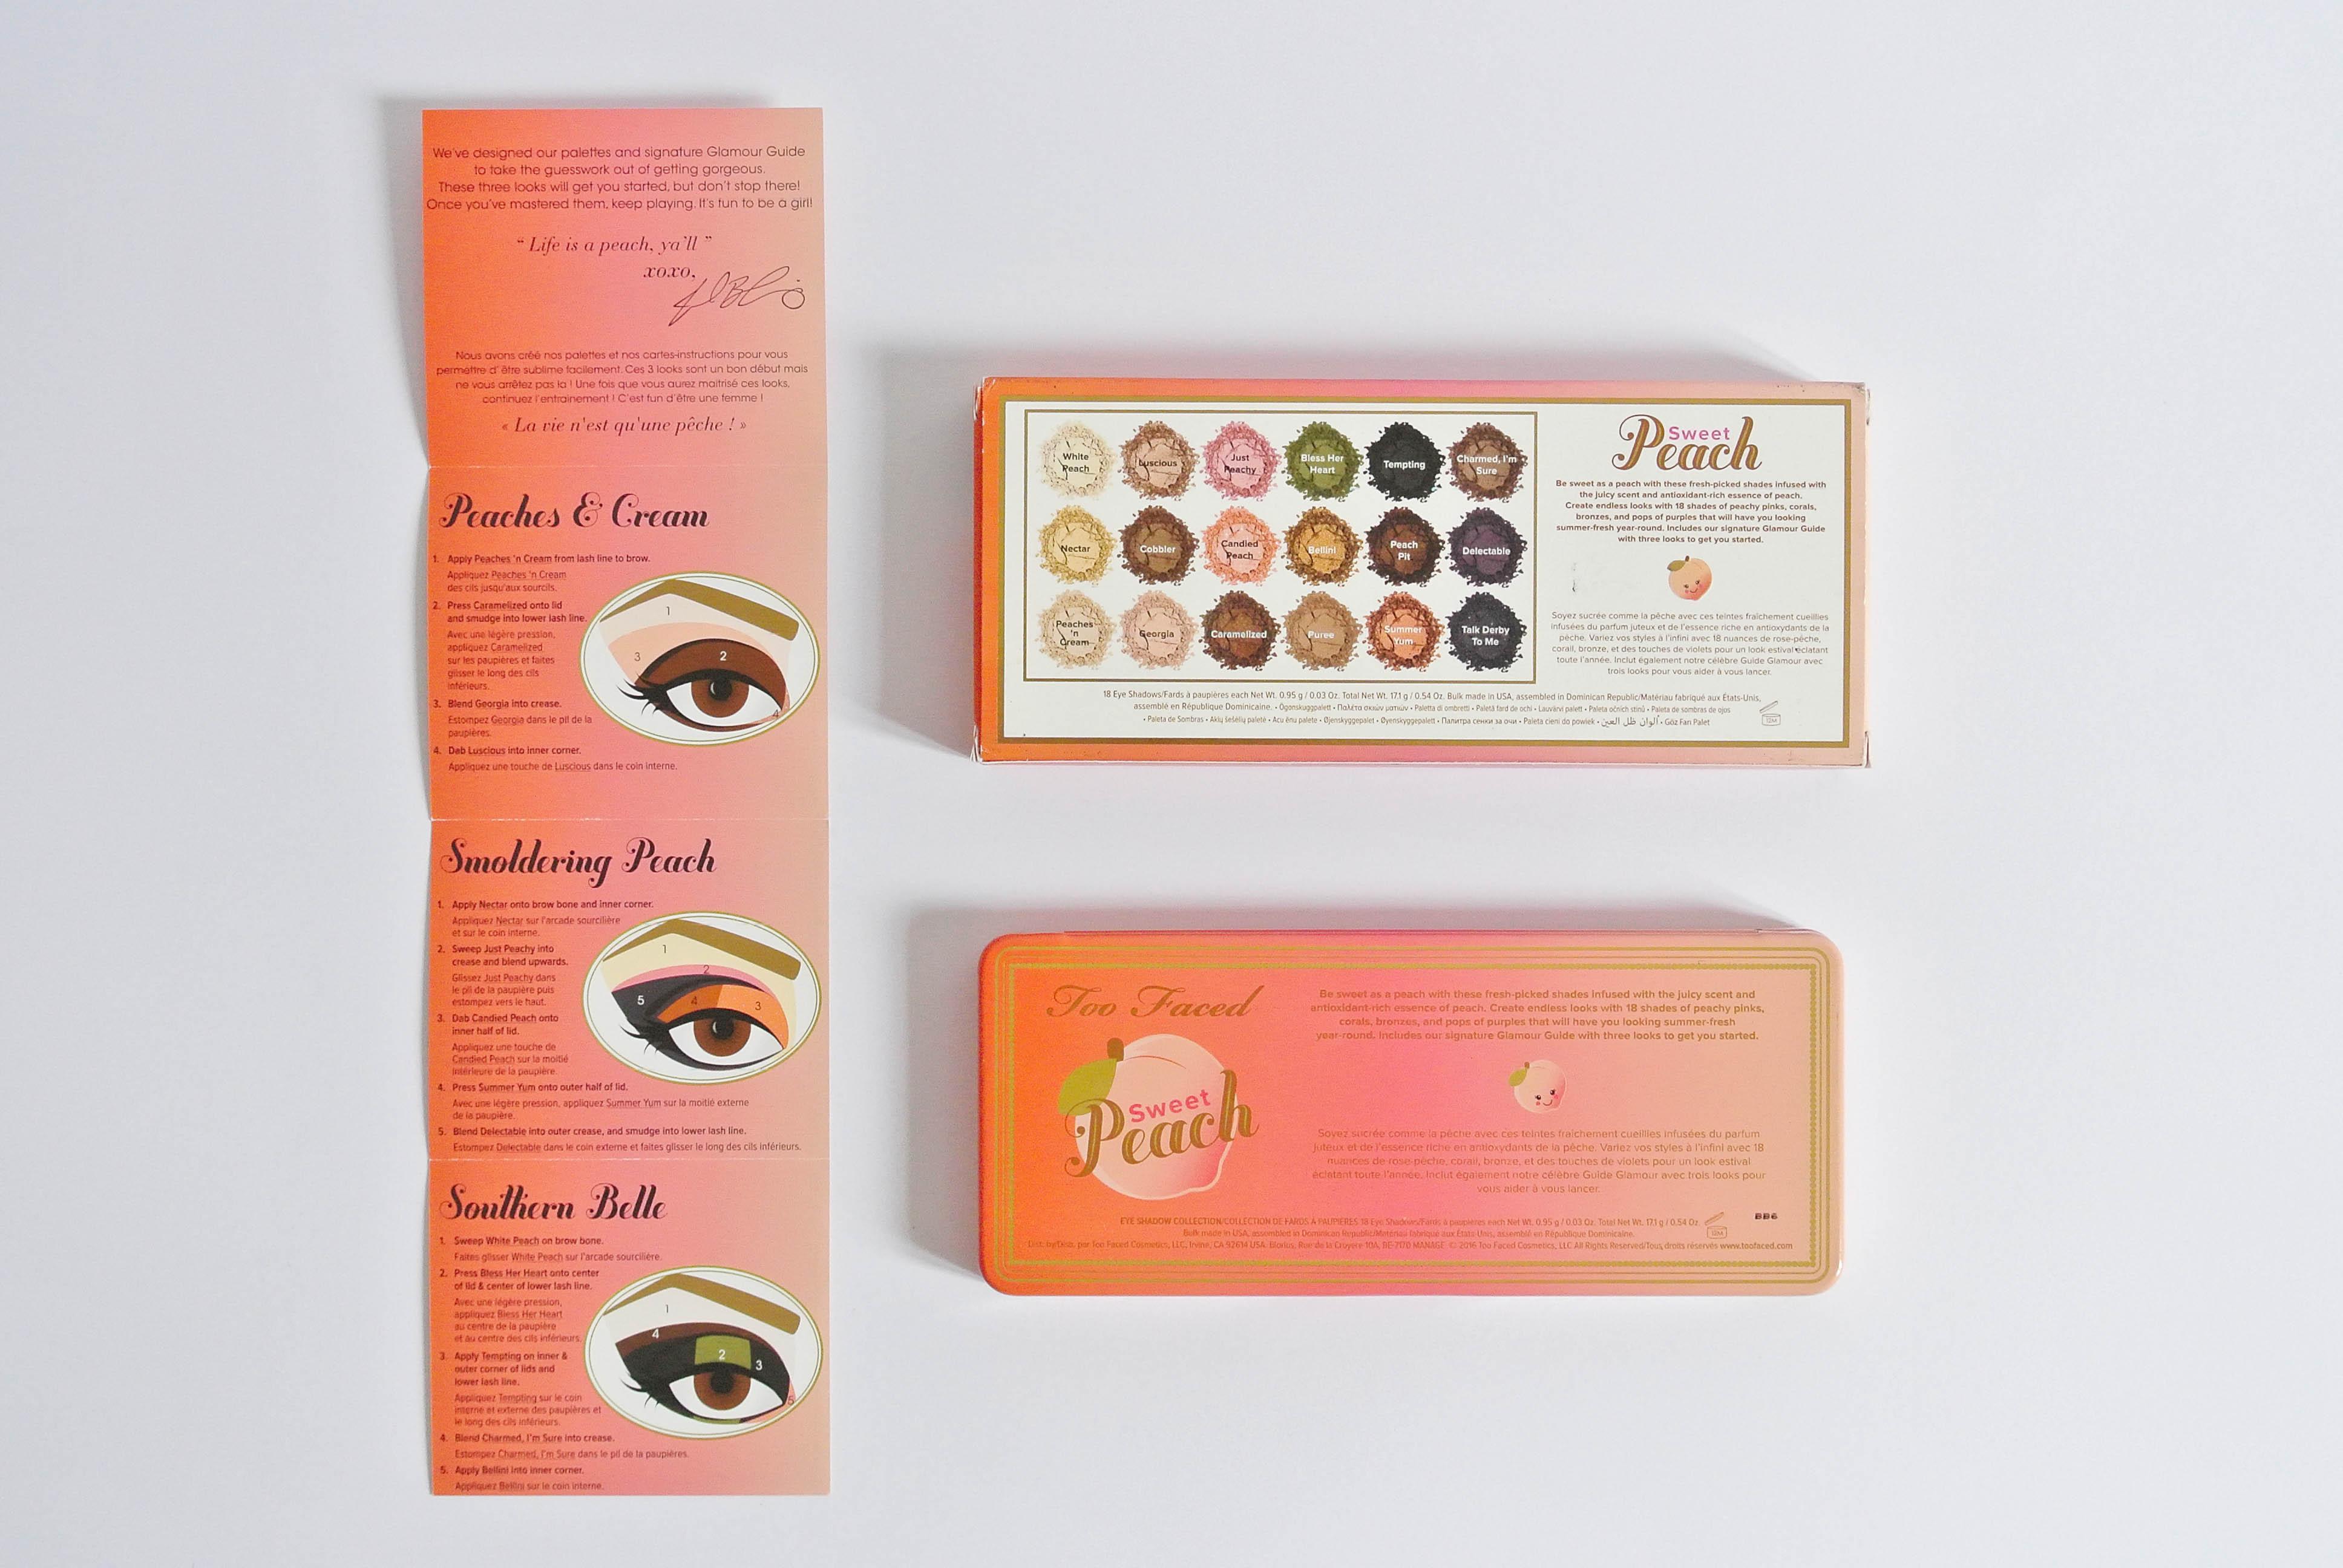 JANIS-EN-SUCRE-Sweet-Peach-16